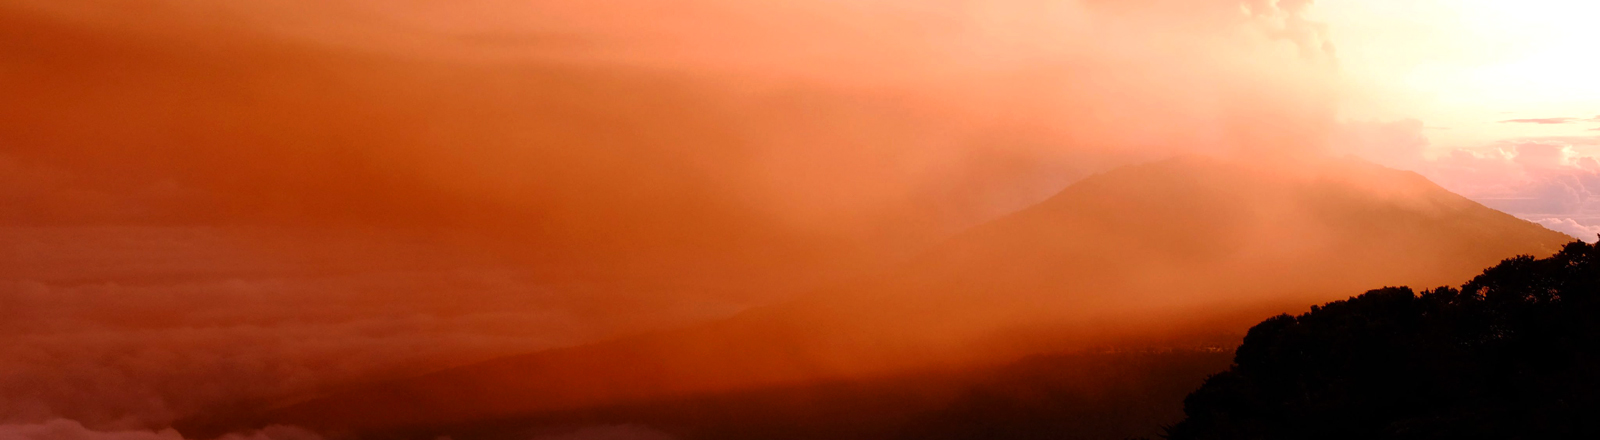 Der Turrialba Vulkan in Costa Rica stößt eine Rauch-Wolke aus.